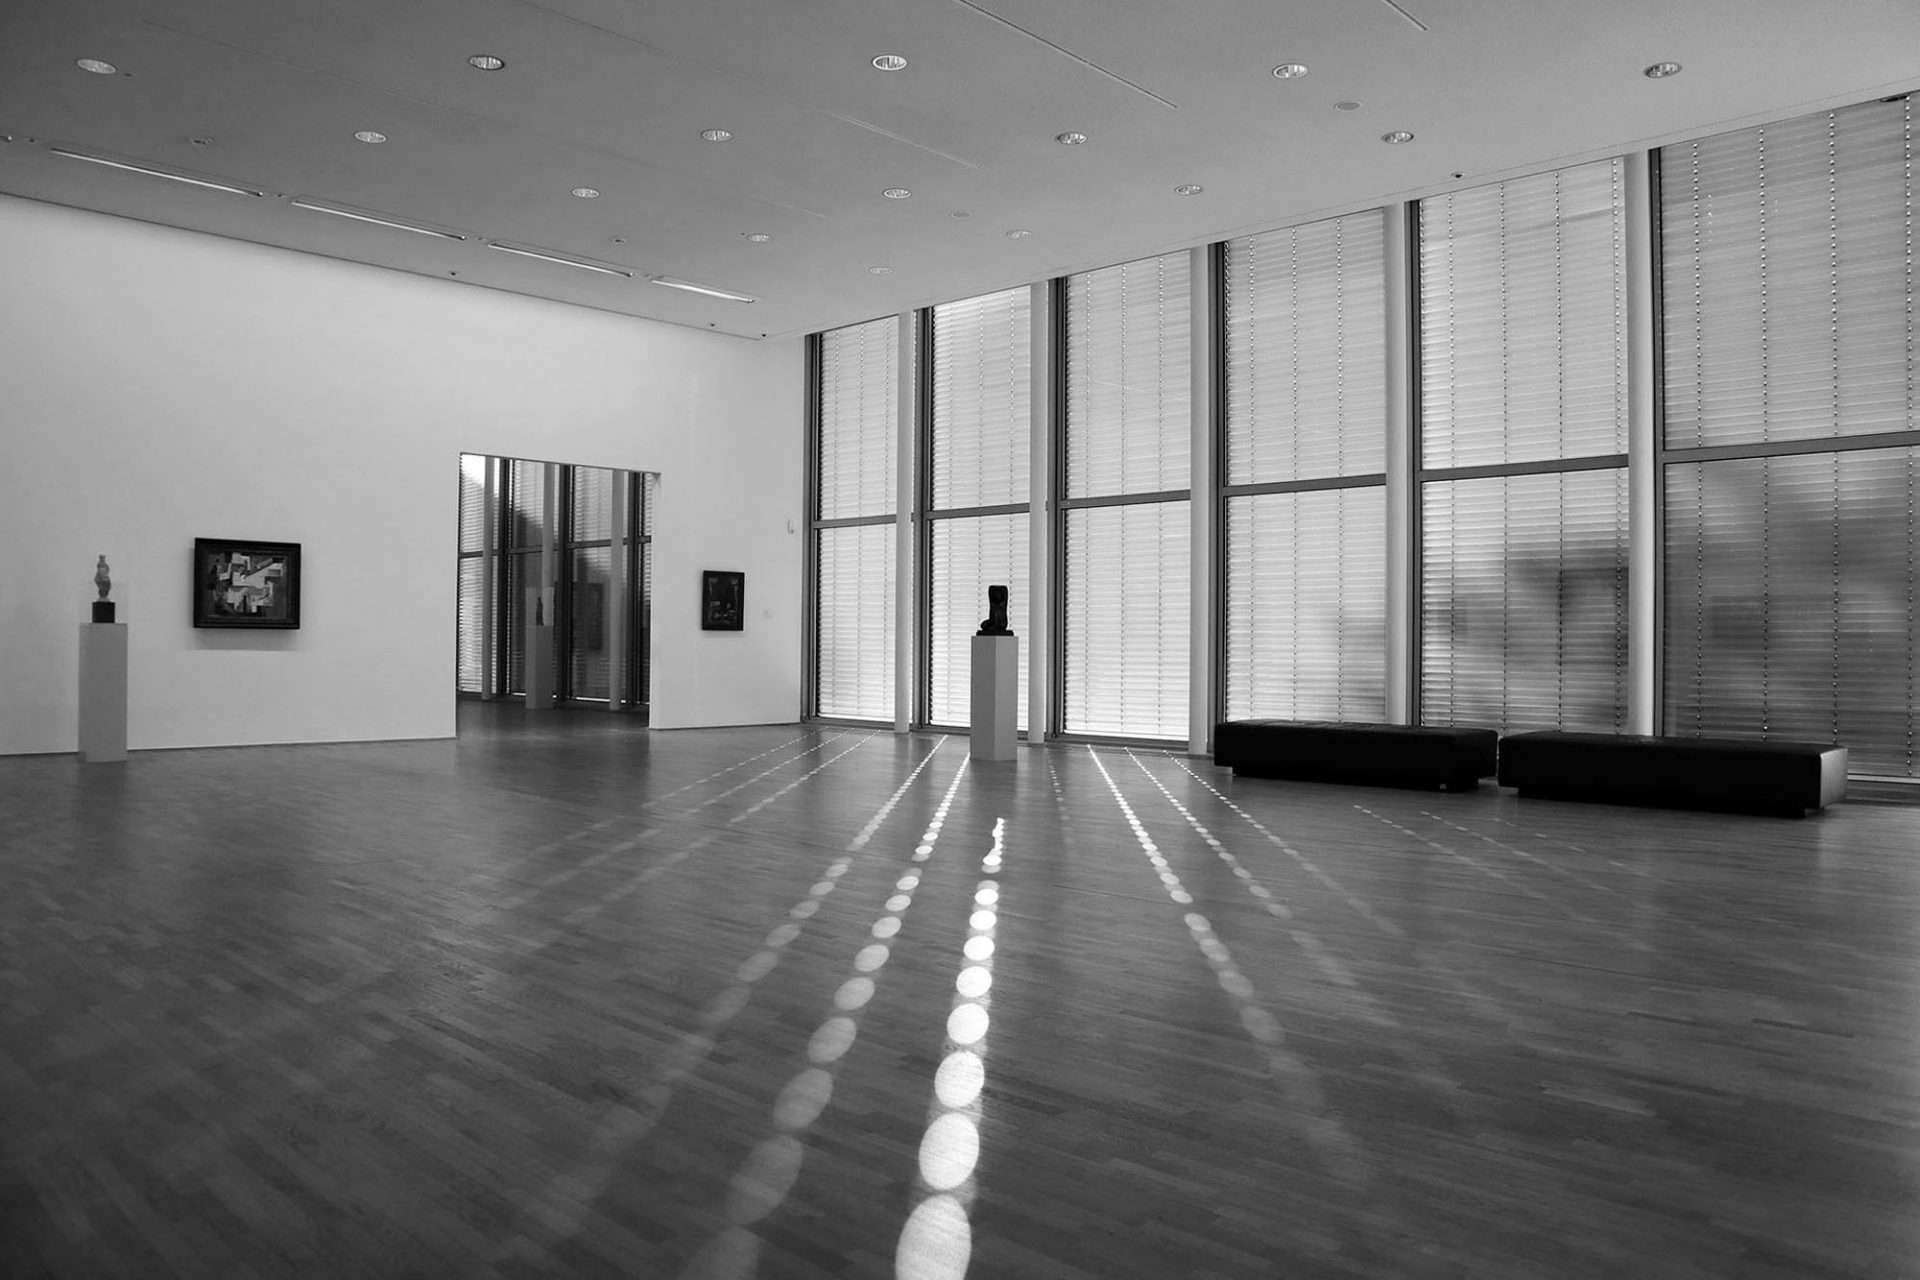 Museum Folkwang. 1. Erweiterung: Kiemle, Kreidt und Partner, Allerkamp, Niehaus, Skonia (1983) 2. Erweiterung: David Chipperfield Architects (2010).